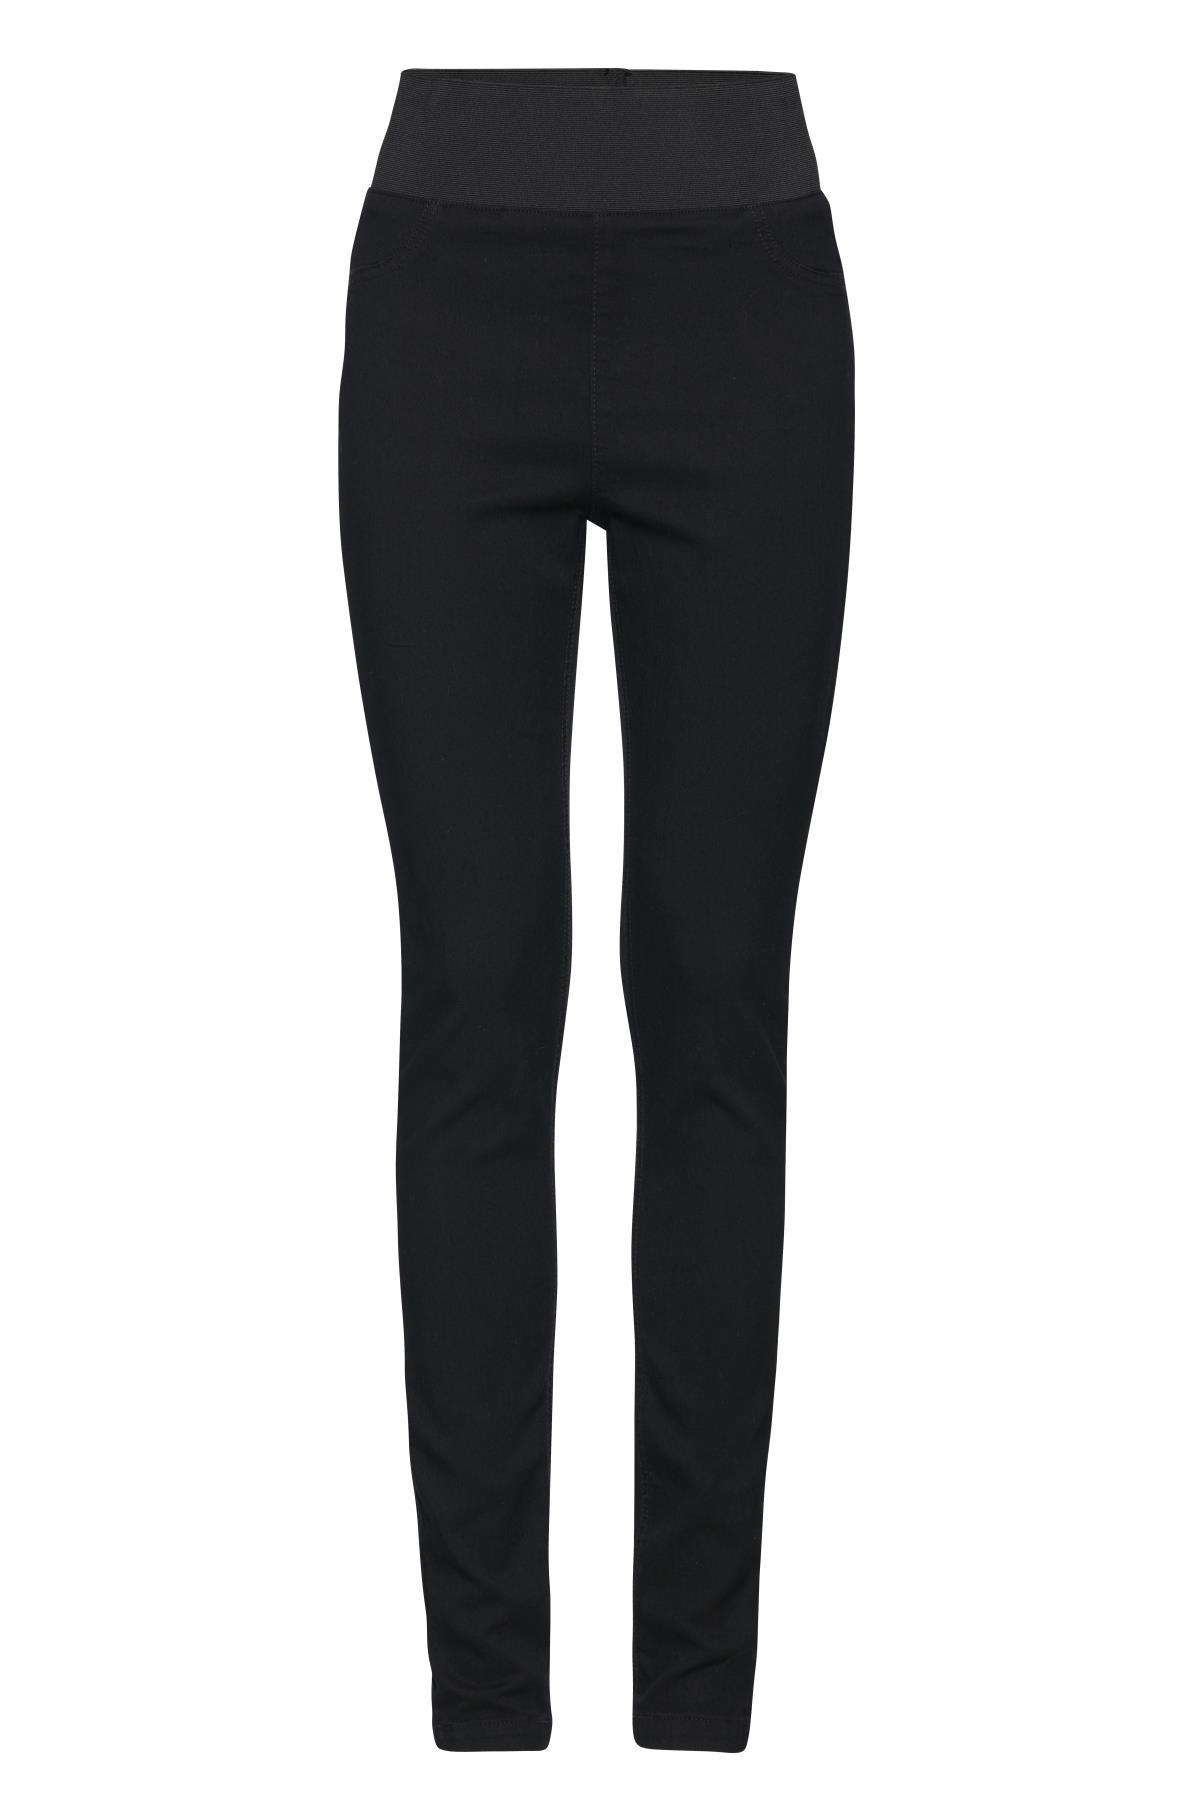 Sort Jeans fra b.young – Køb Sort Jeans fra str. 25-36 her